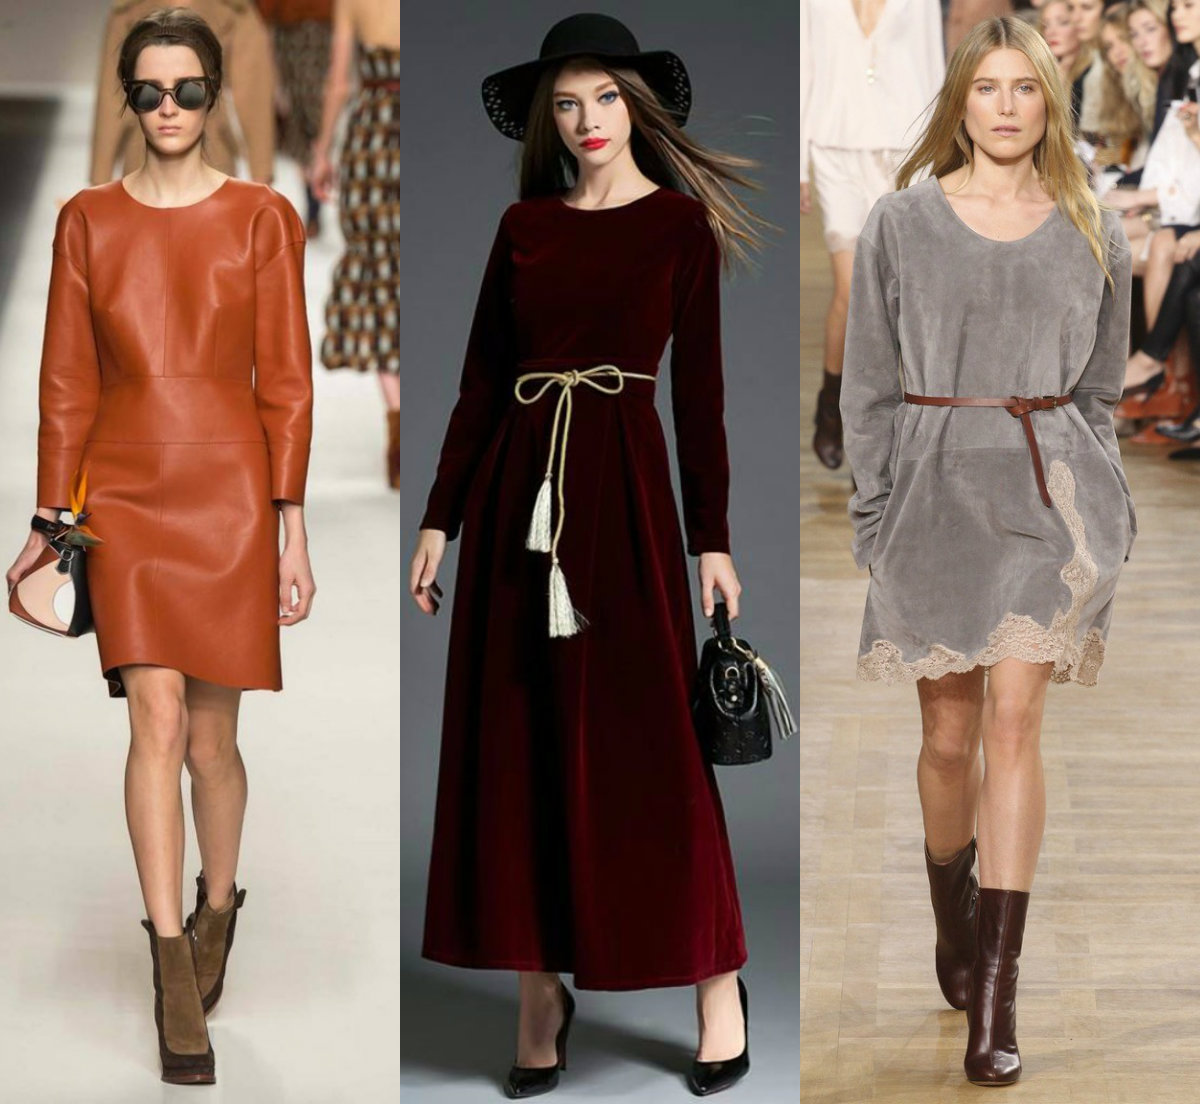 модные тенденции платьев 2018: кожаны, зампевыен и бархатные наряды